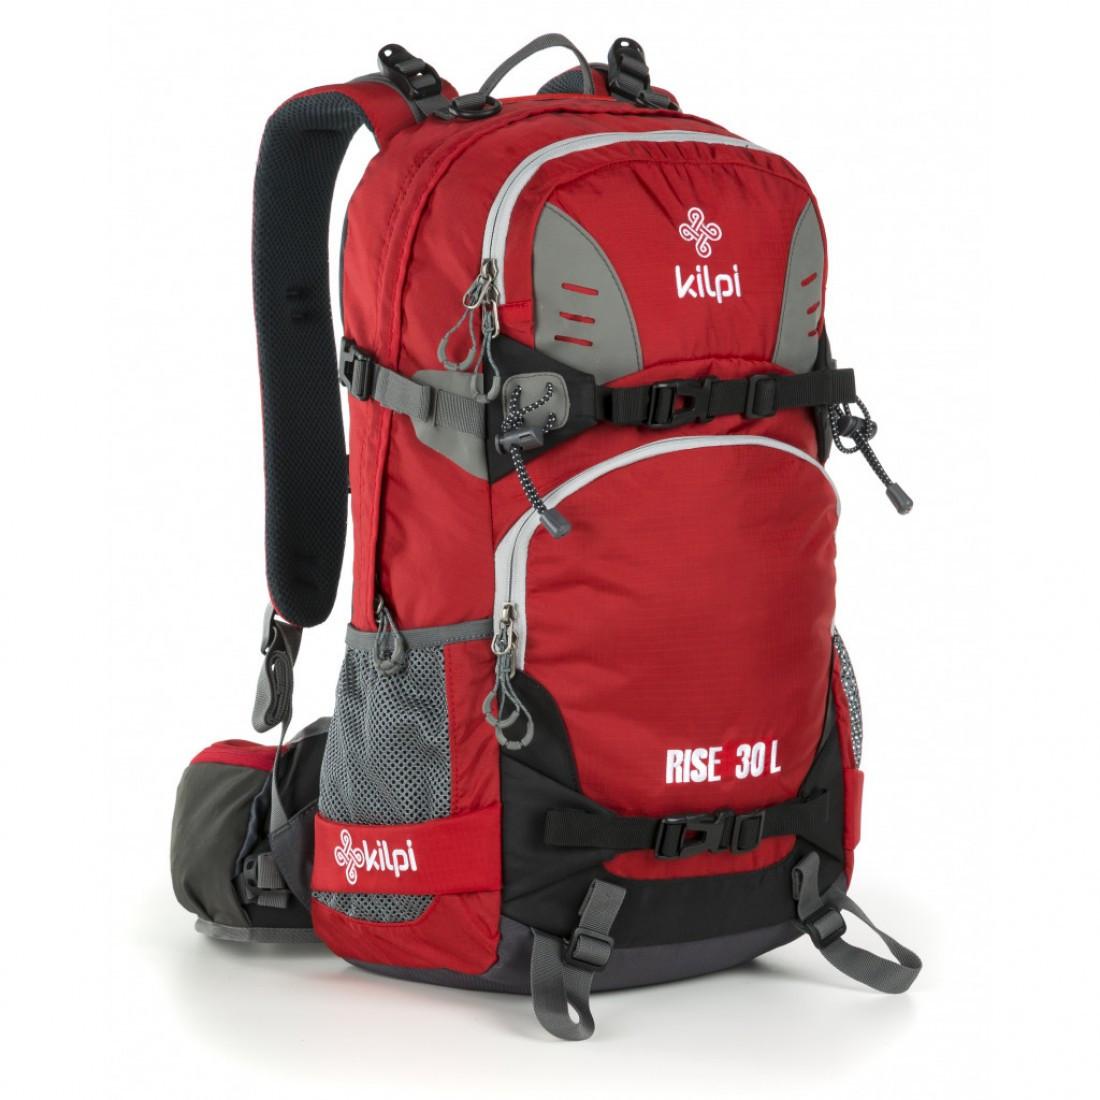 Рюкзак туристический 30-литровый Kilpi RISE-U для спорта и туризма. Цвет: красный